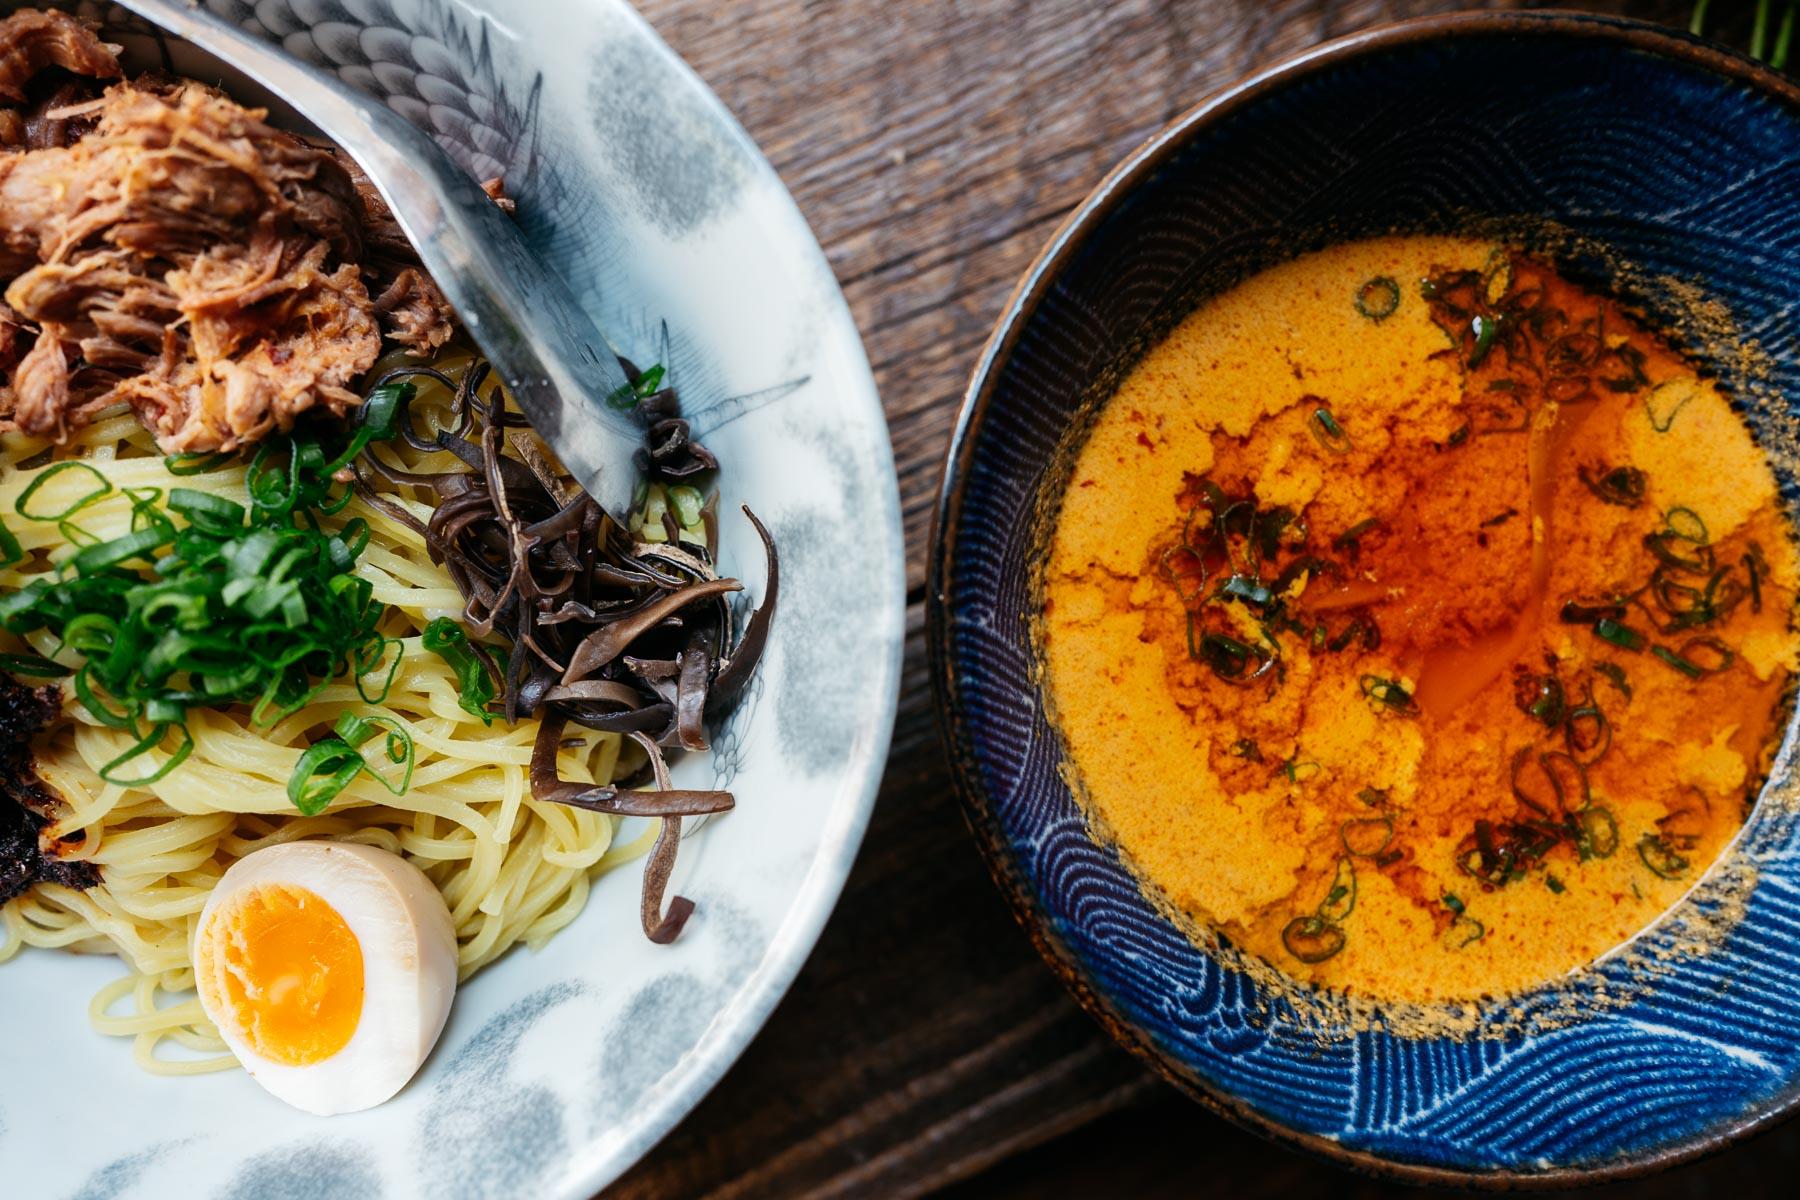 BBQ yuzu tsukemen (karkówka BBQ, grzyby mun, jajko, zielona część dymki, nori) – 30 zł